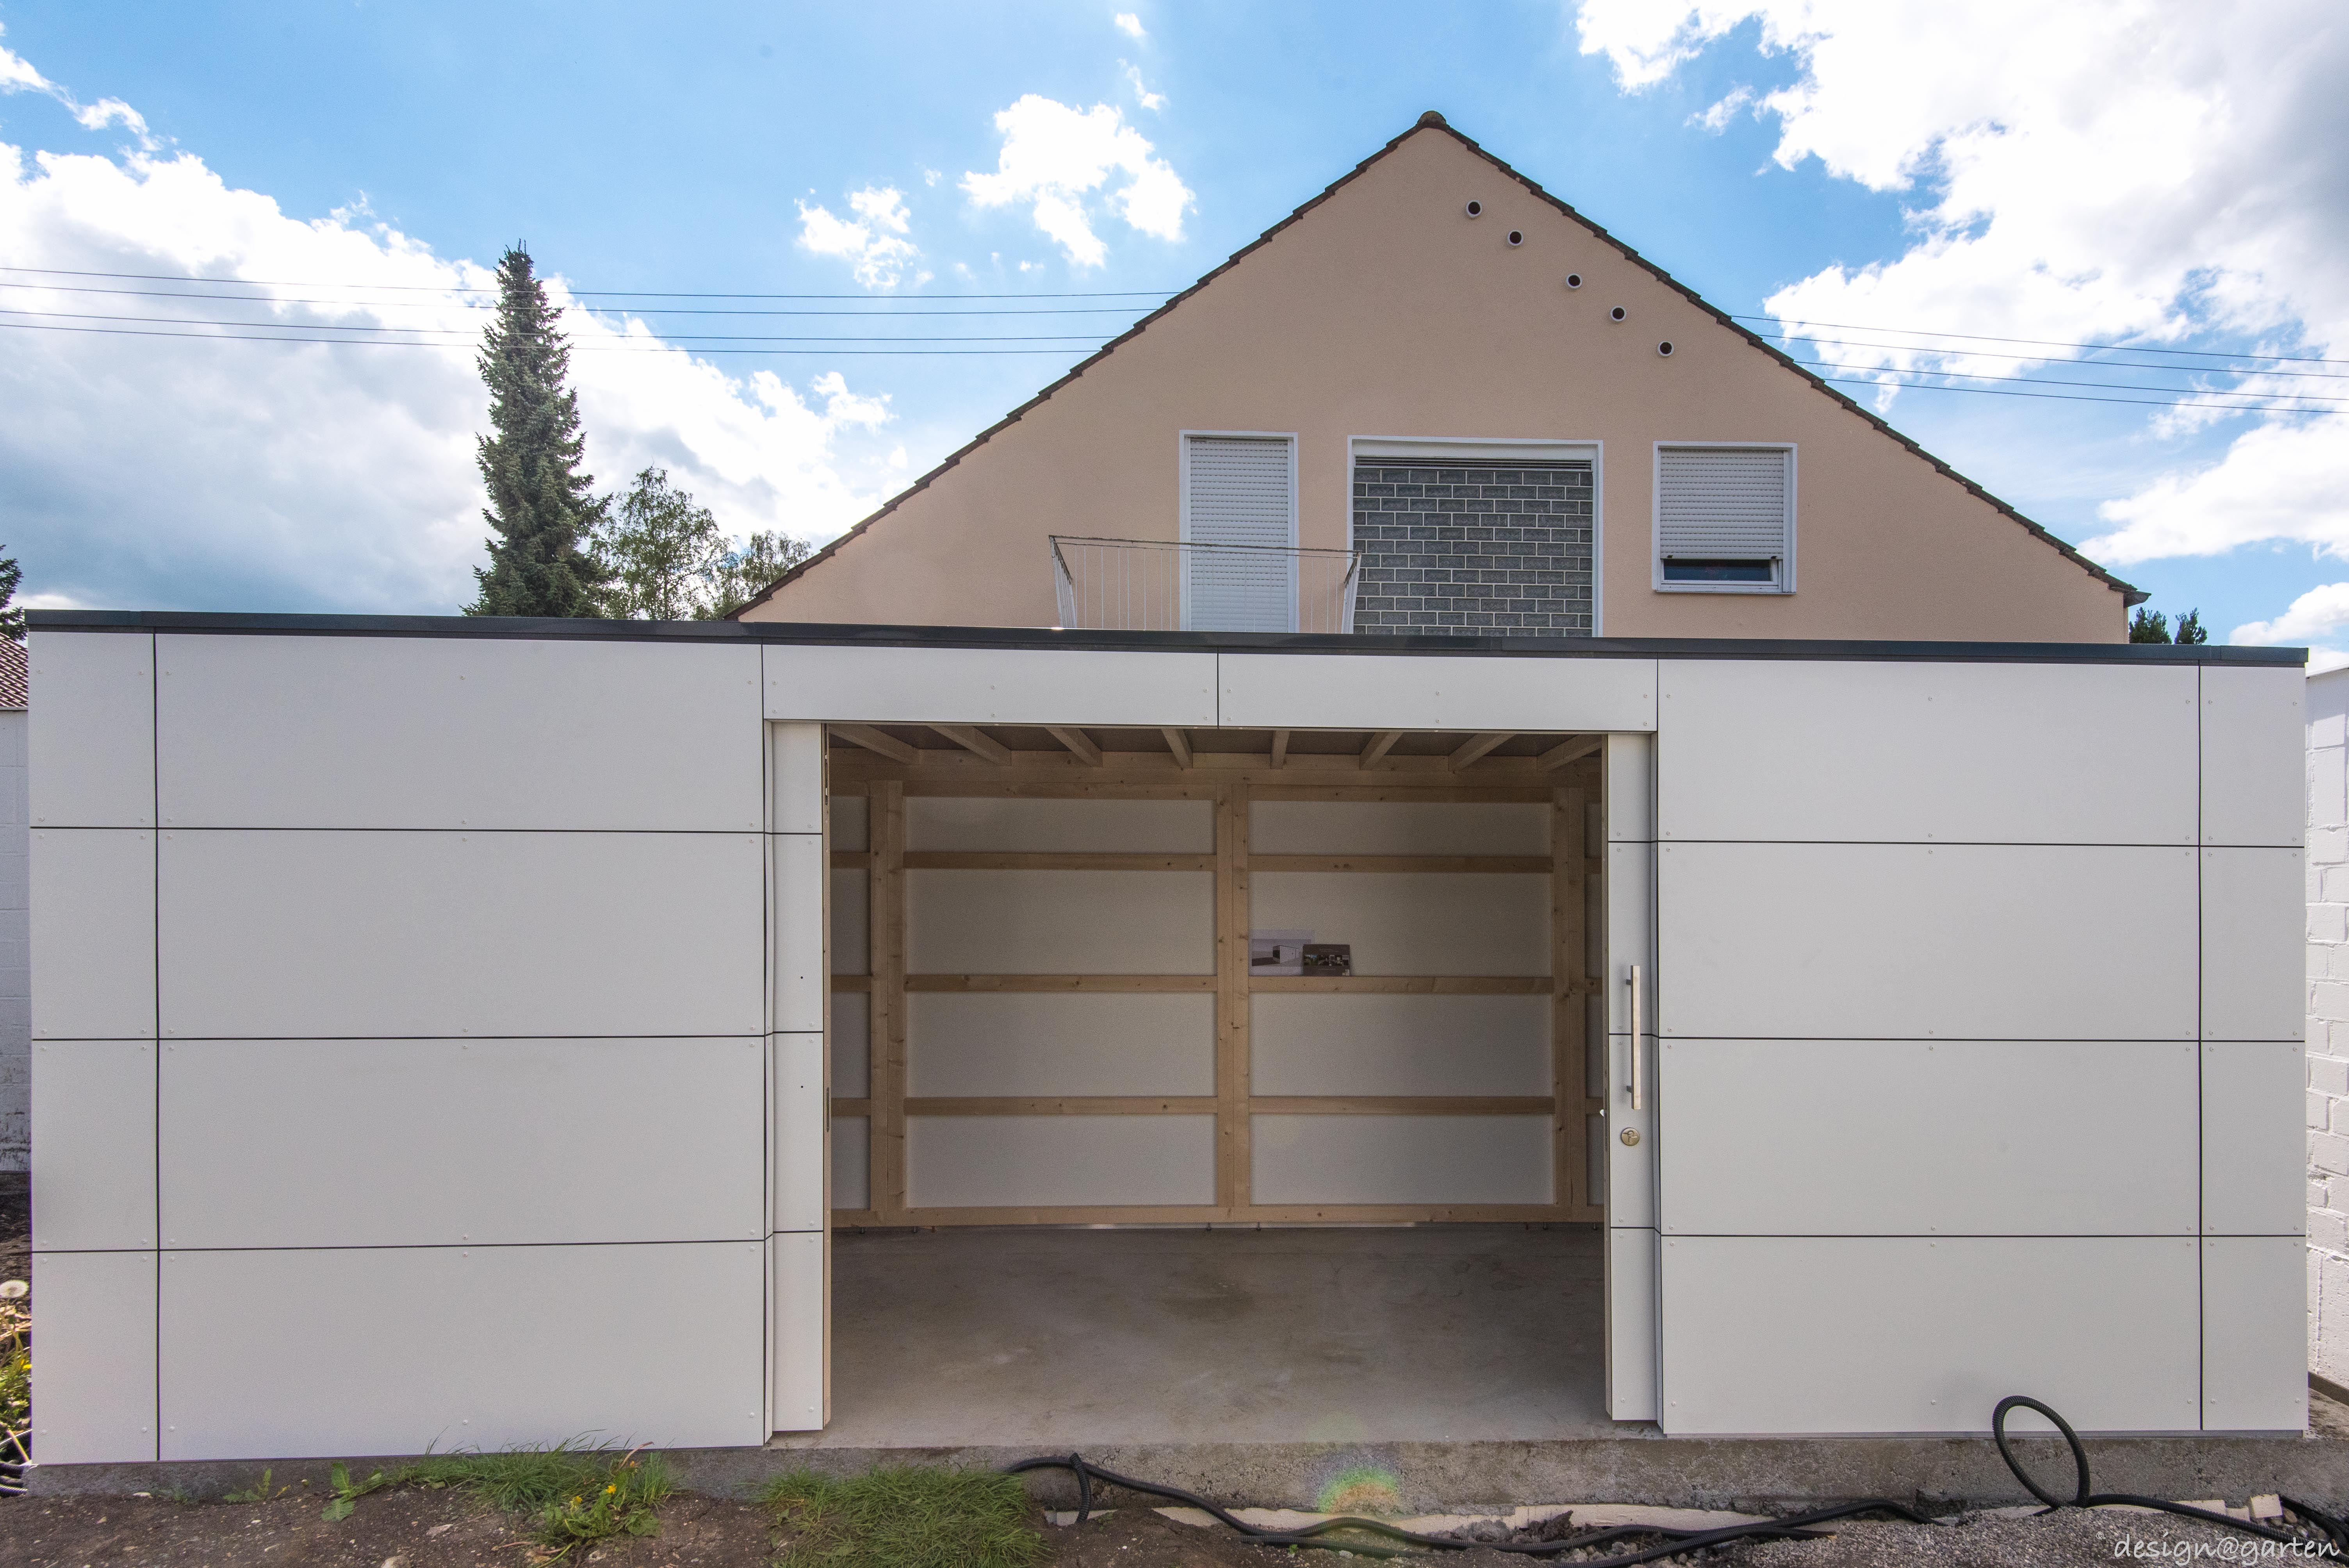 Design Gartenhaus @_gart nach Maß in Augsburg by design@garten ...